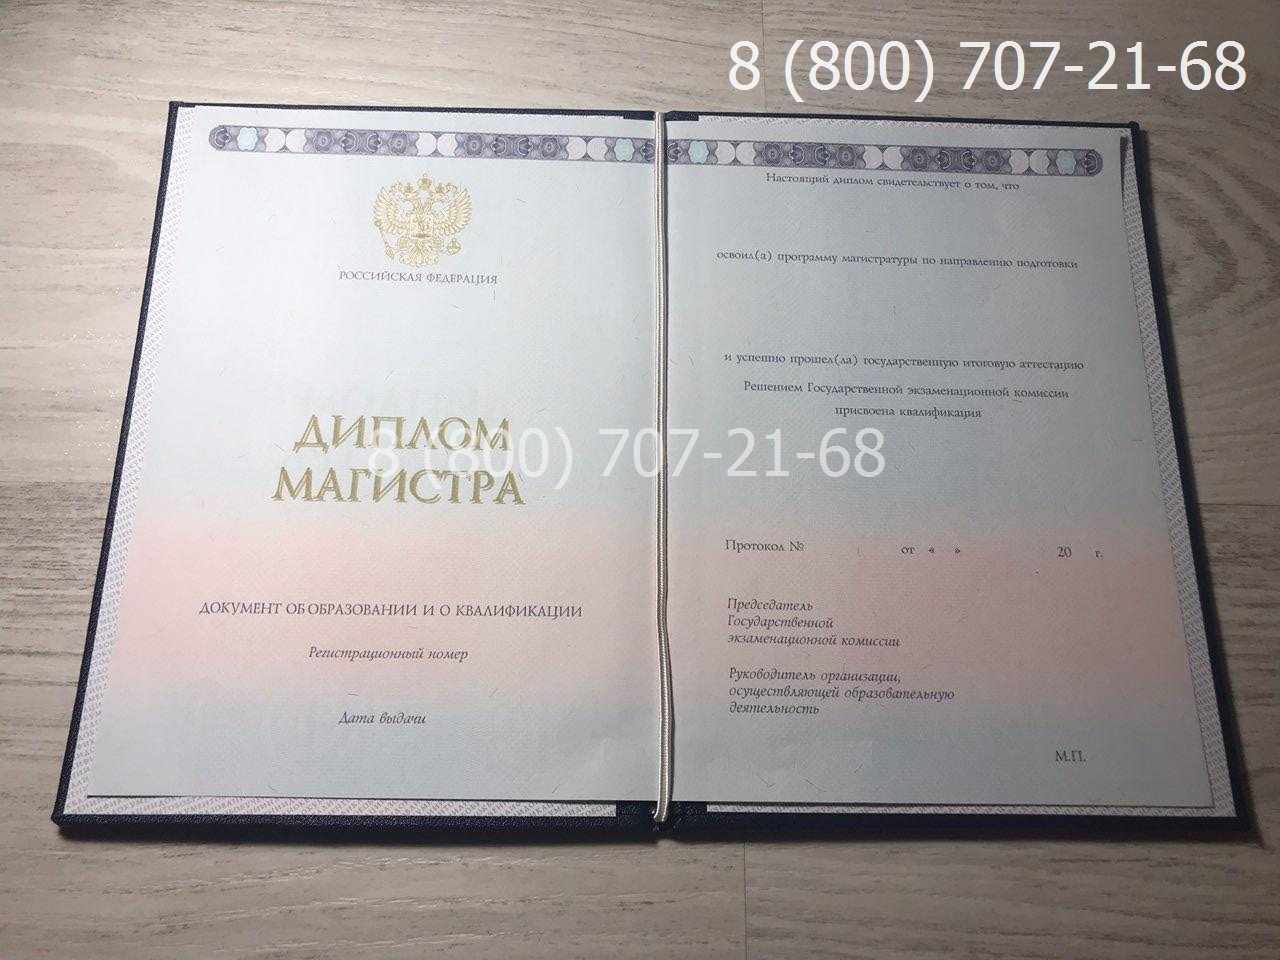 Диплом магистра 2014-2019 года 1